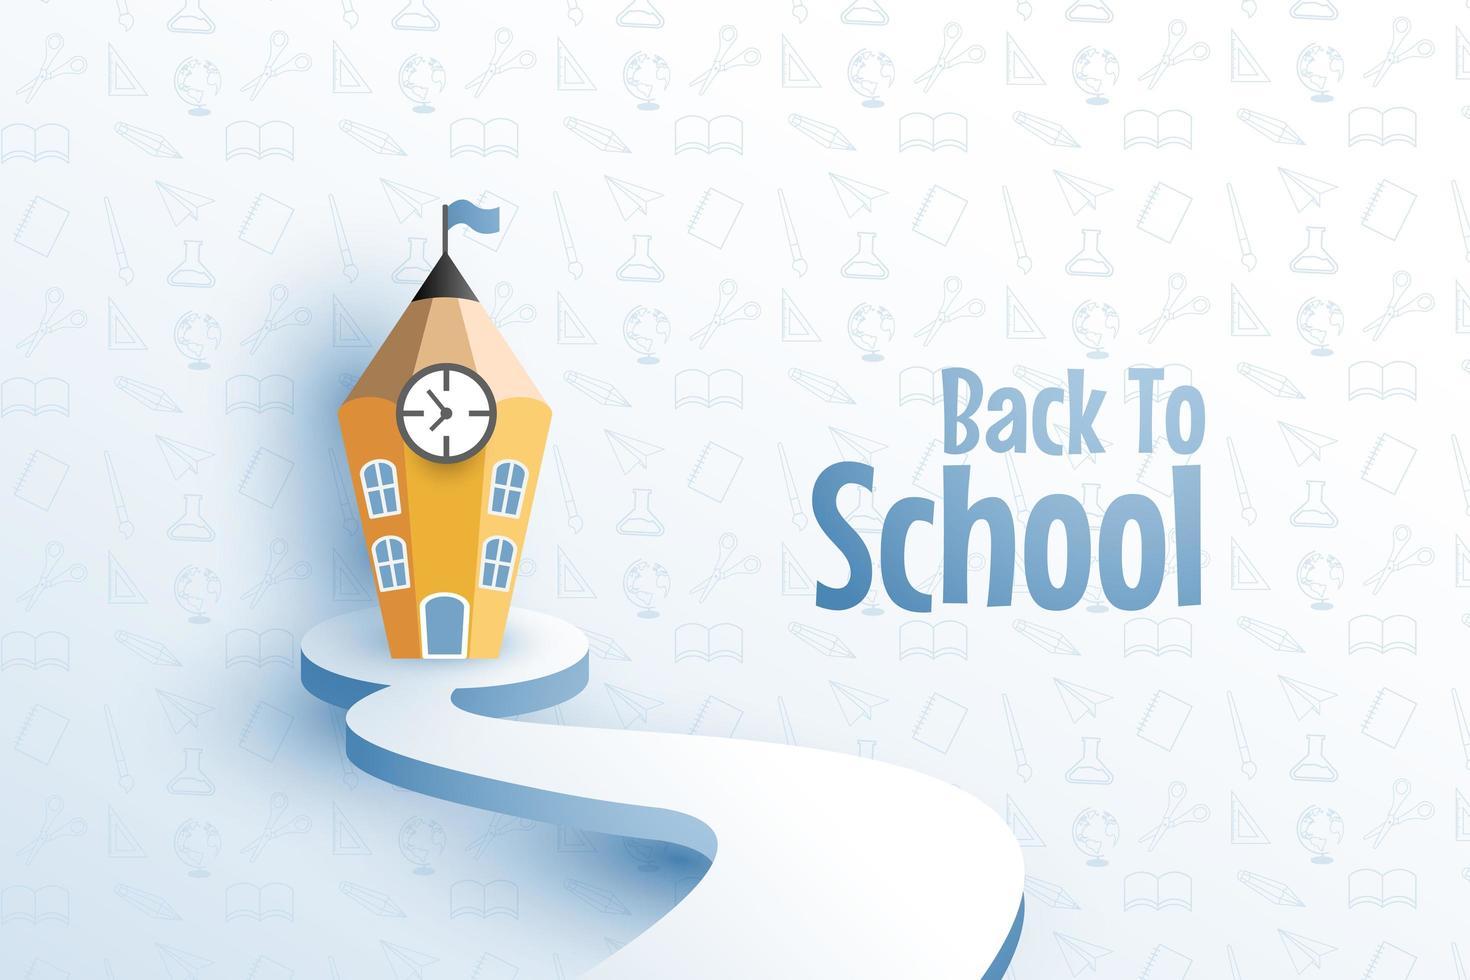 ritorno al design della scuola con la matita come edificio vettore